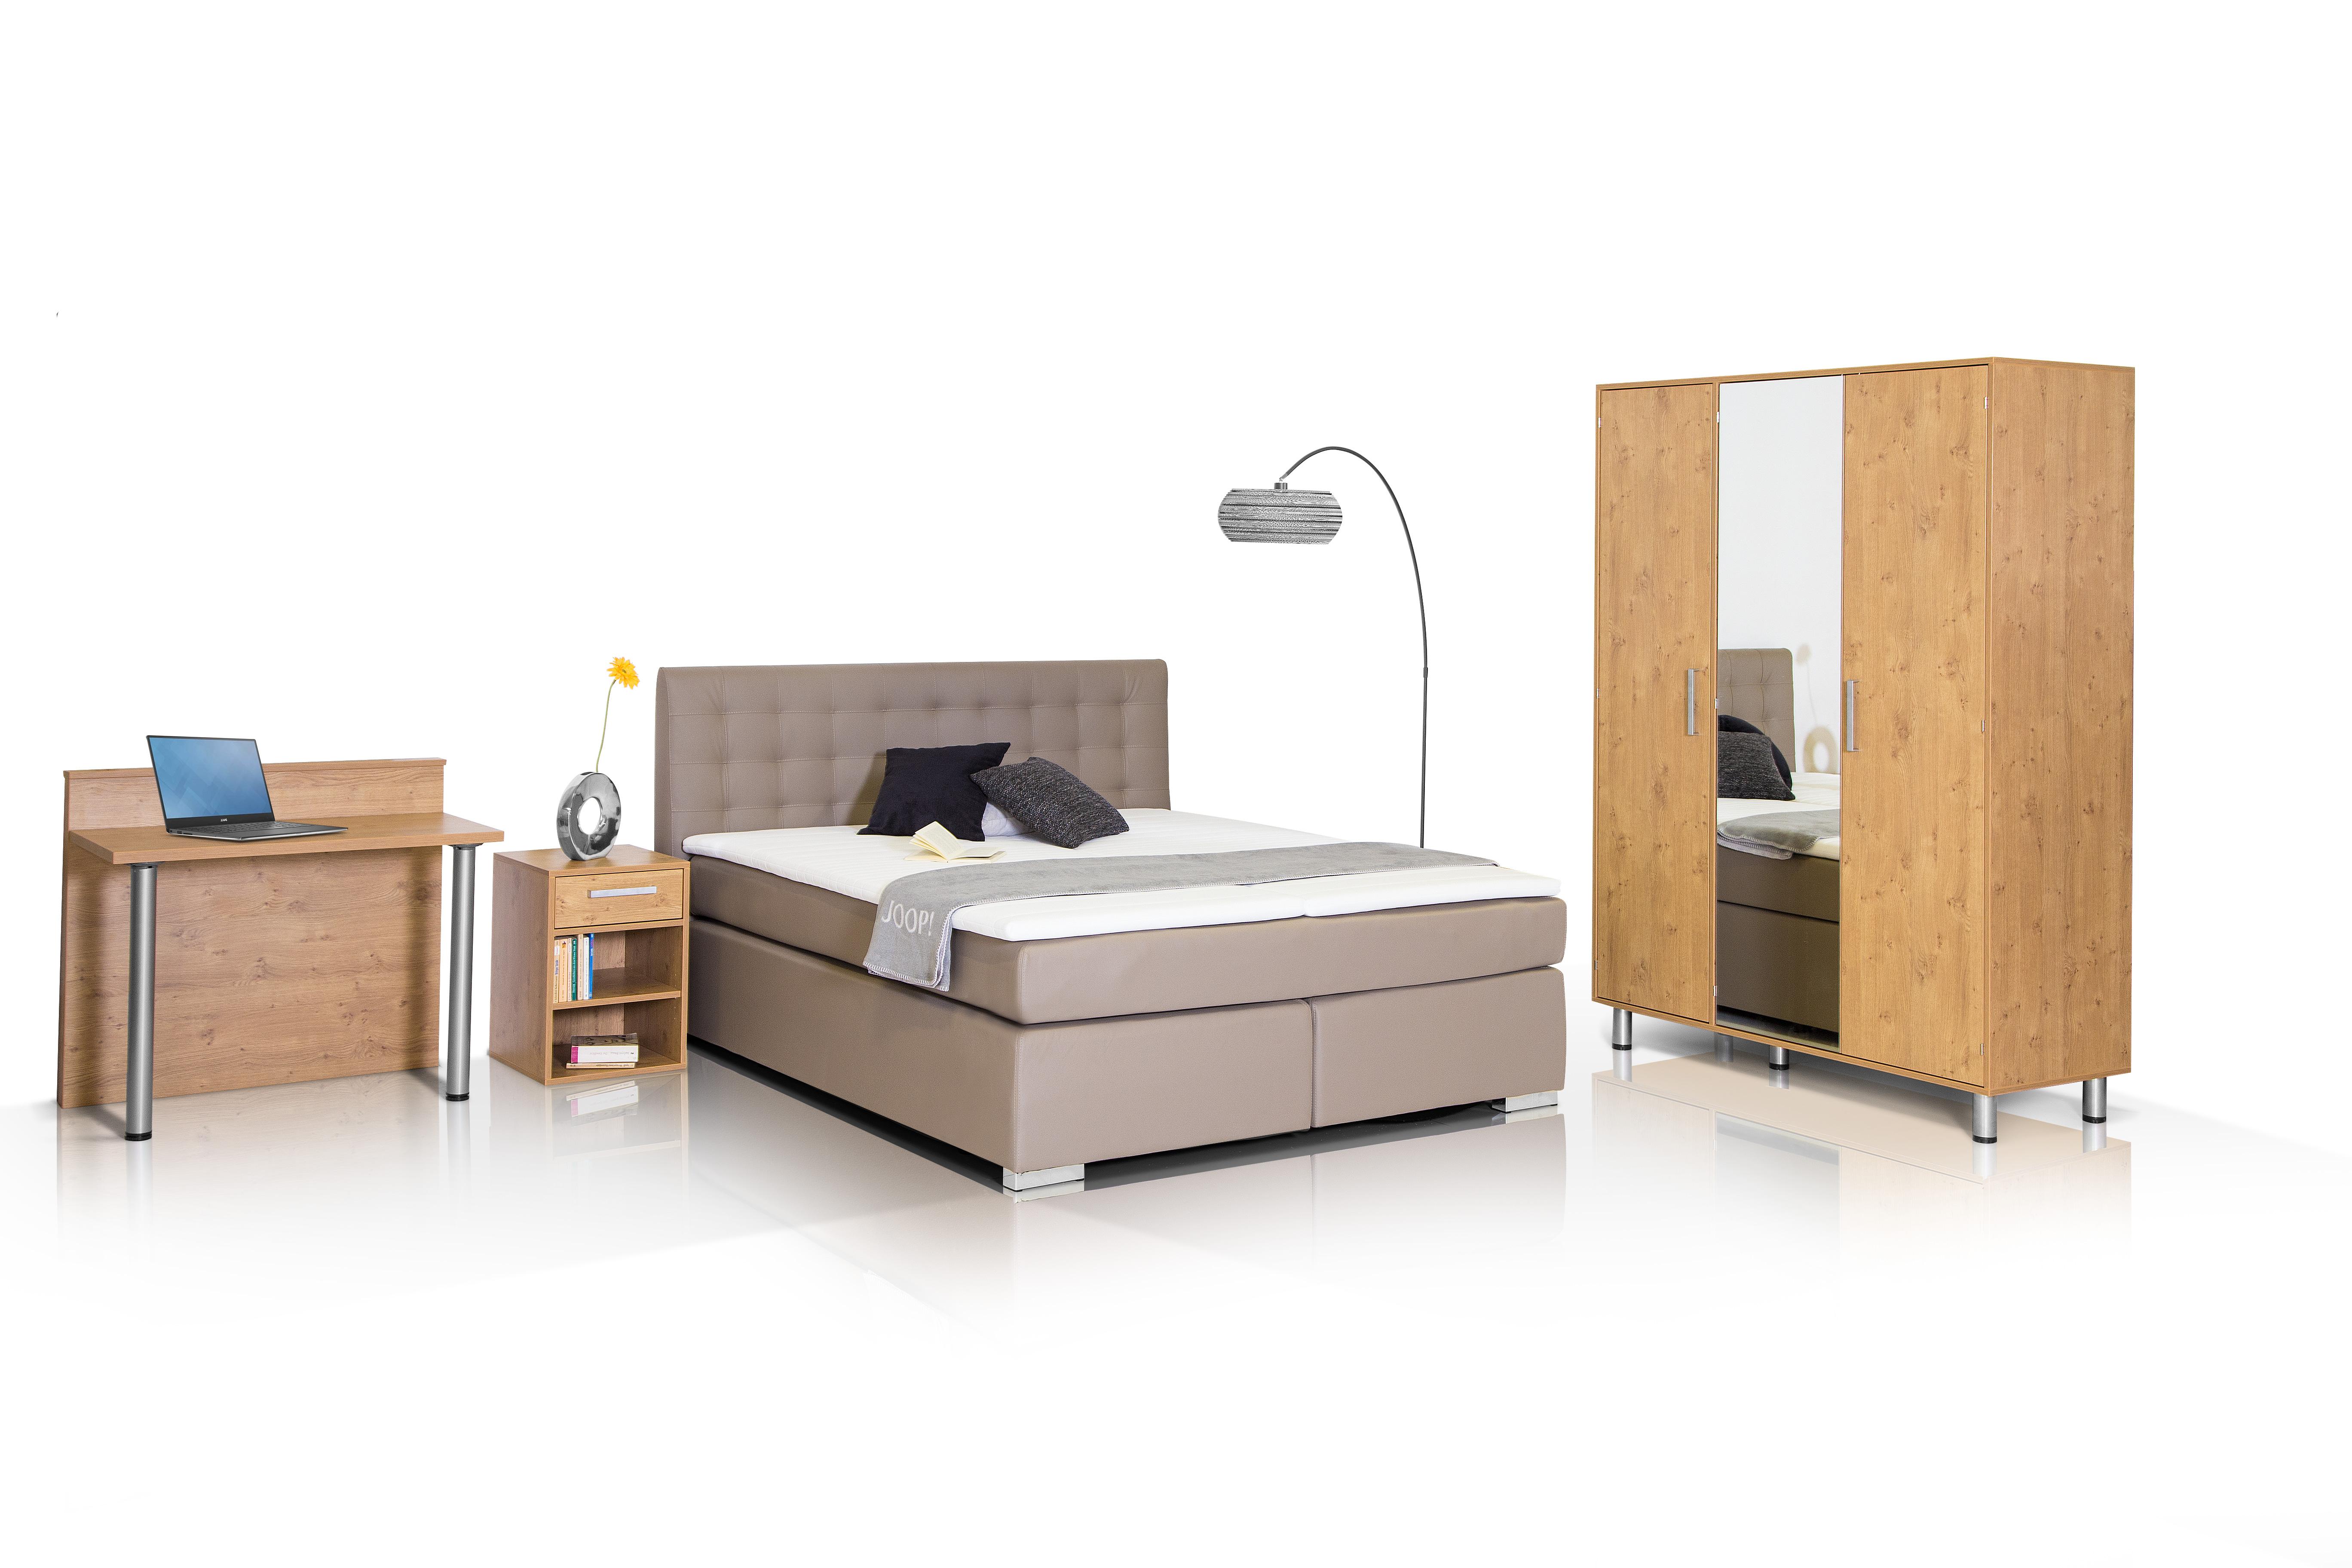 Komplett-Schlafzimmer: Schrank, Bettgestell, Nachtkommode ...